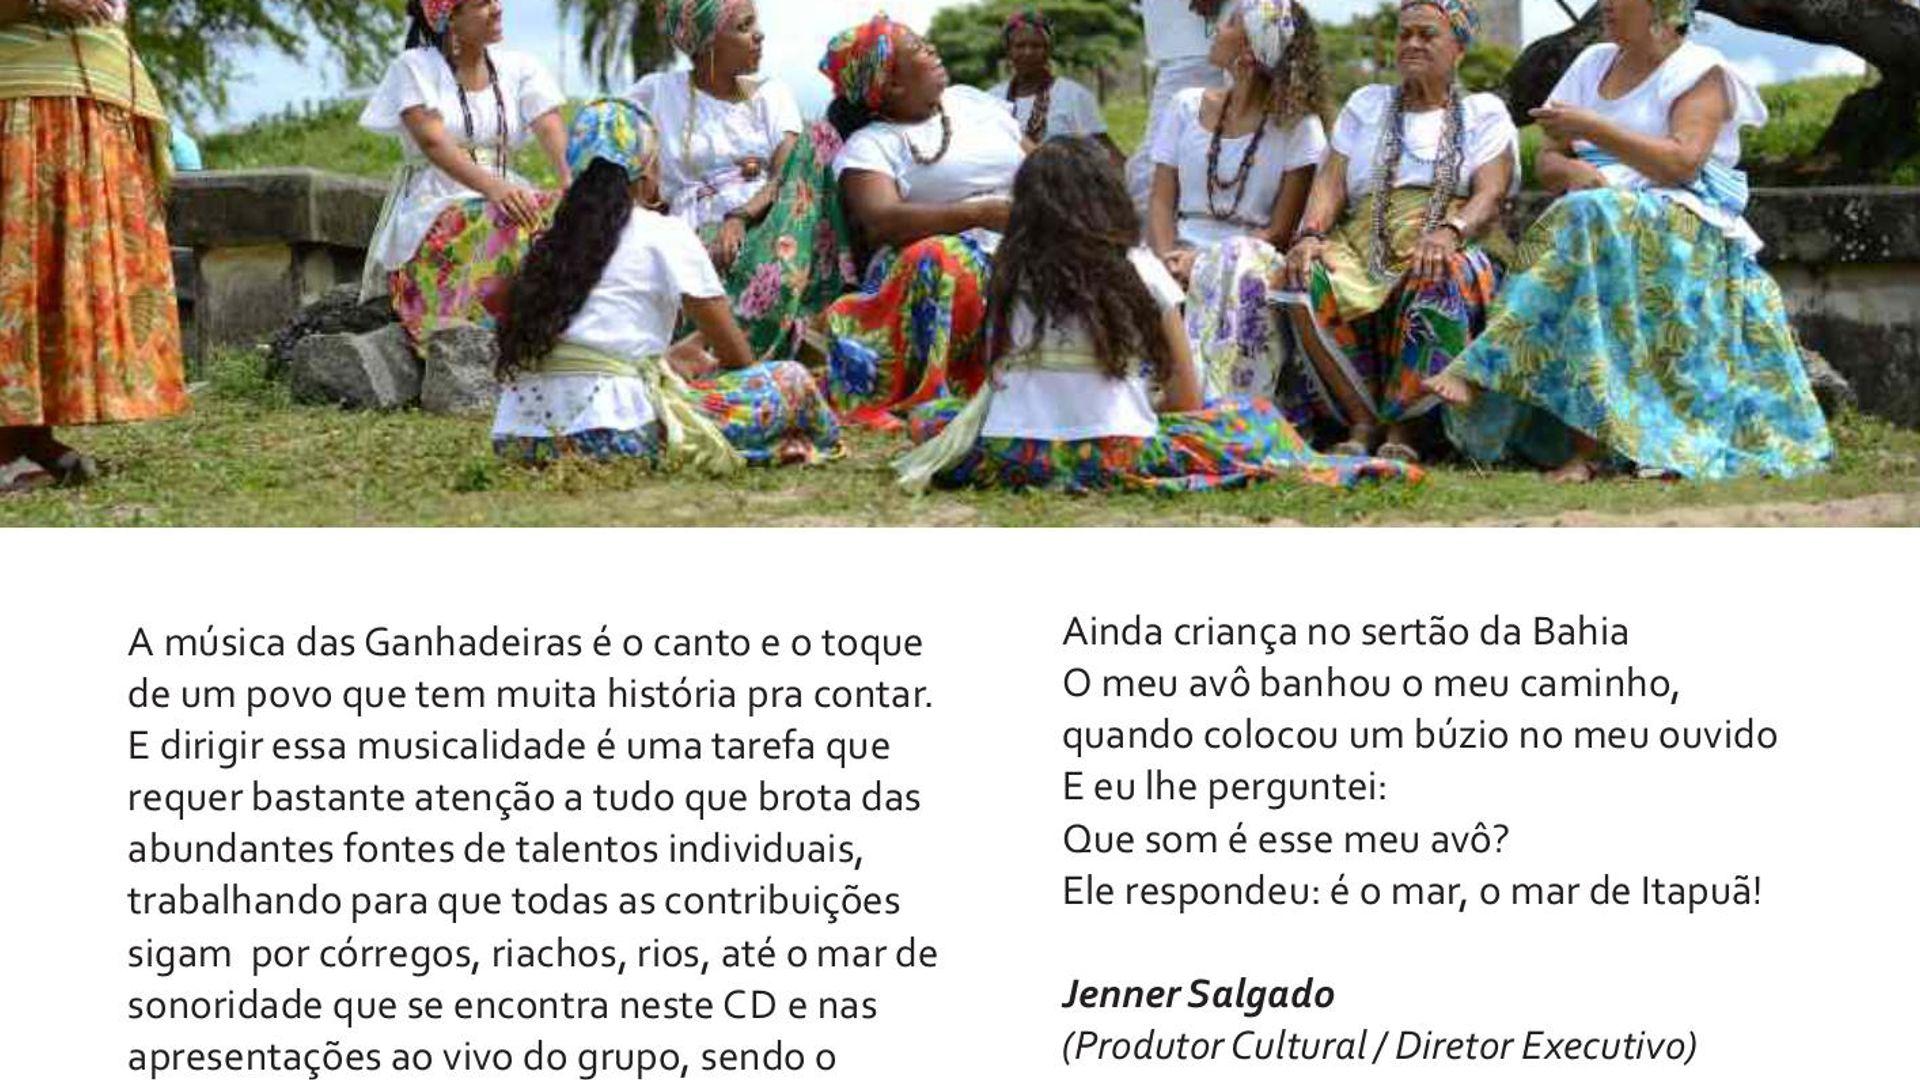 """Destaques do encarte do CD """"Ganhadeiras de Itapuã"""" (Coaxo de Sapo, 2014)"""